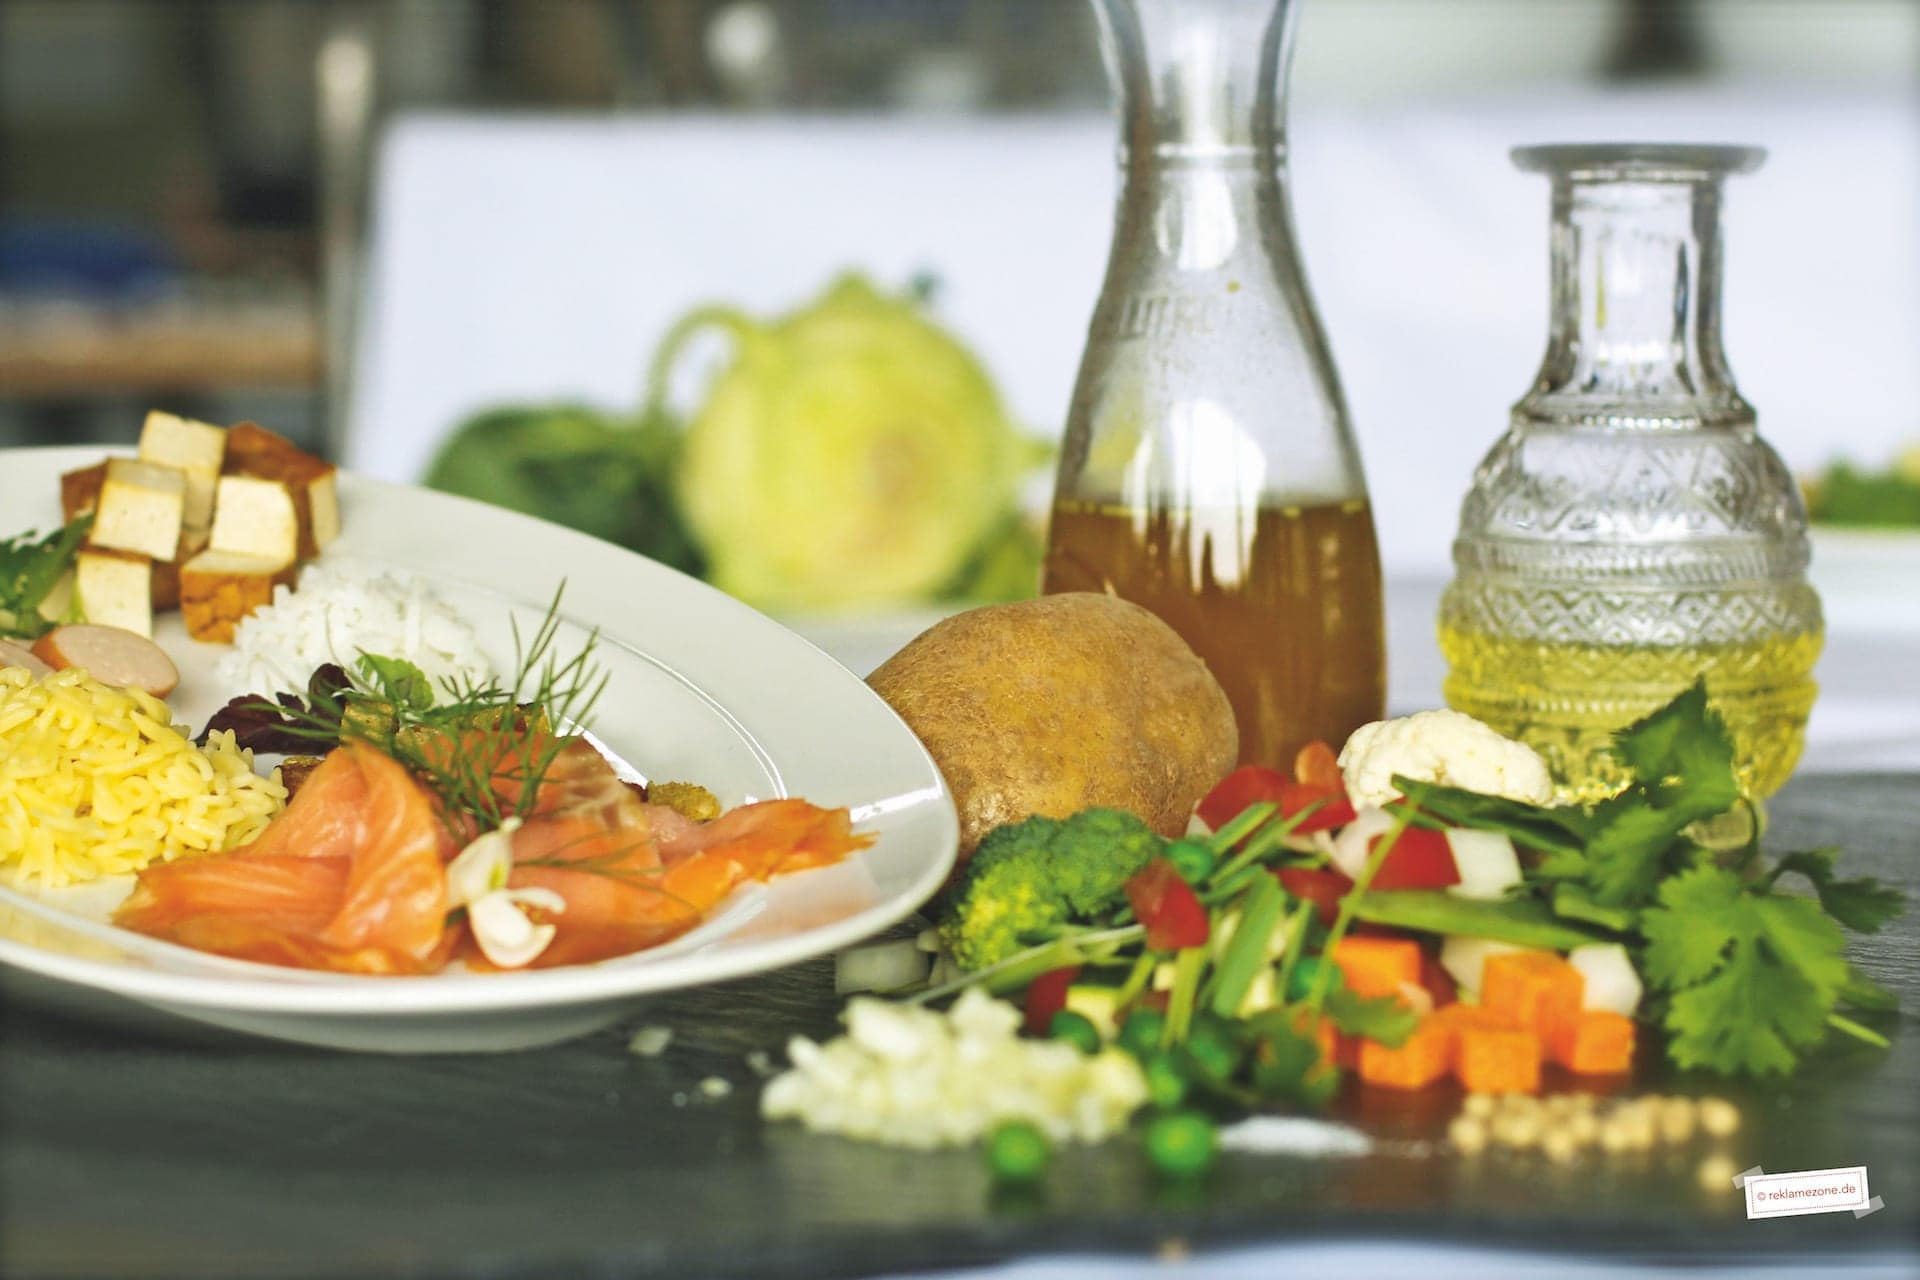 Gemüsesuppe mit i-Tüpfelchen - Foto: reklamezone.de